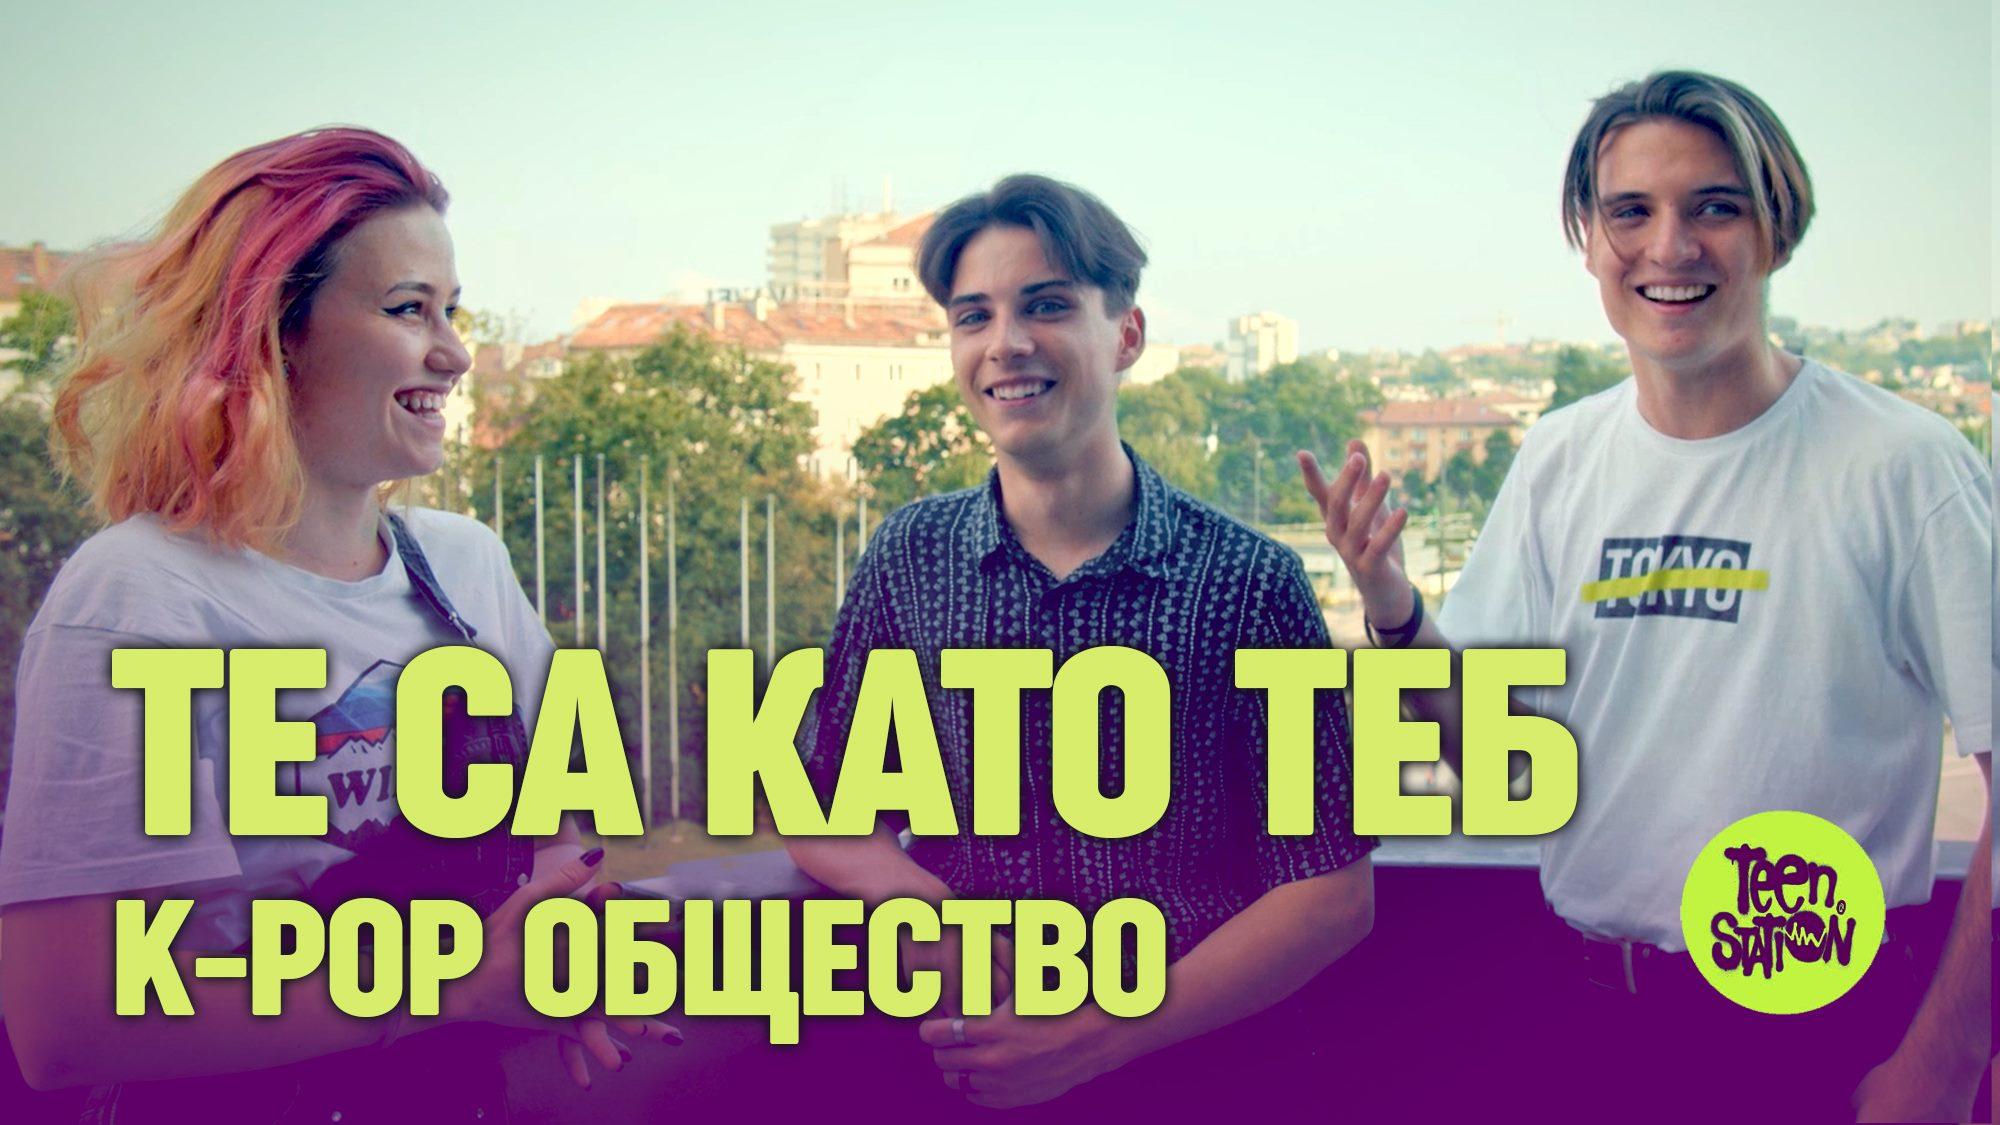 K-pop обществото в България